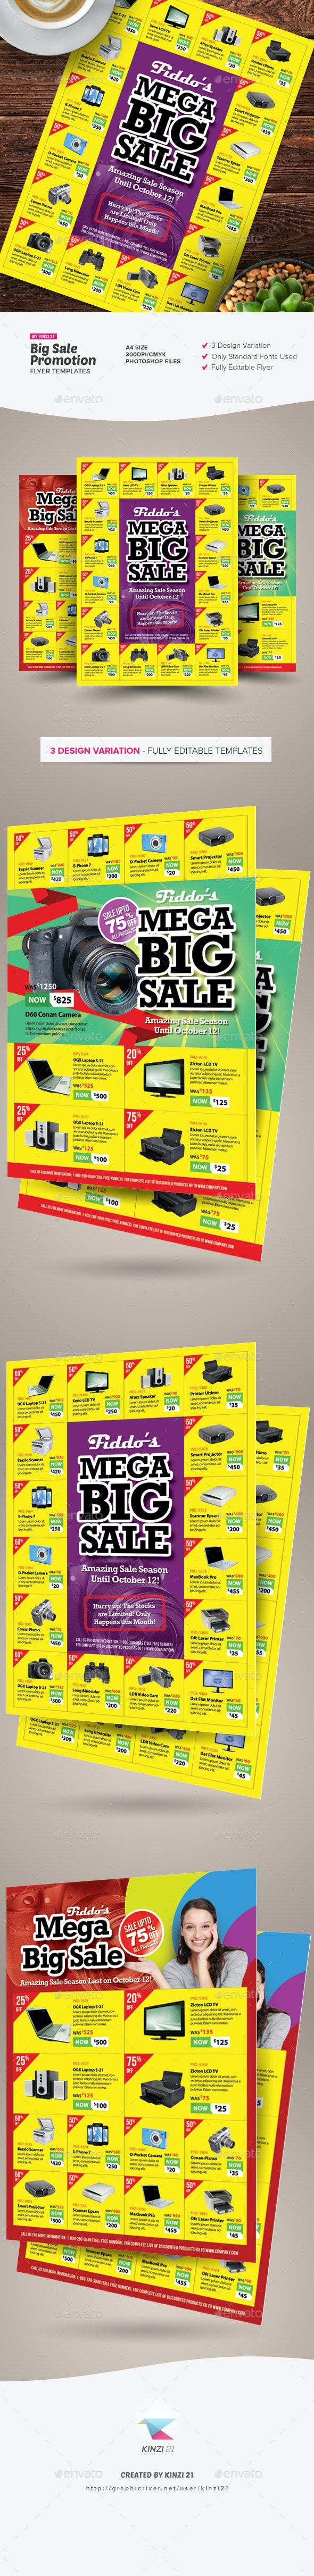 Big Sale Promotion Flyers - Commerce Flyers